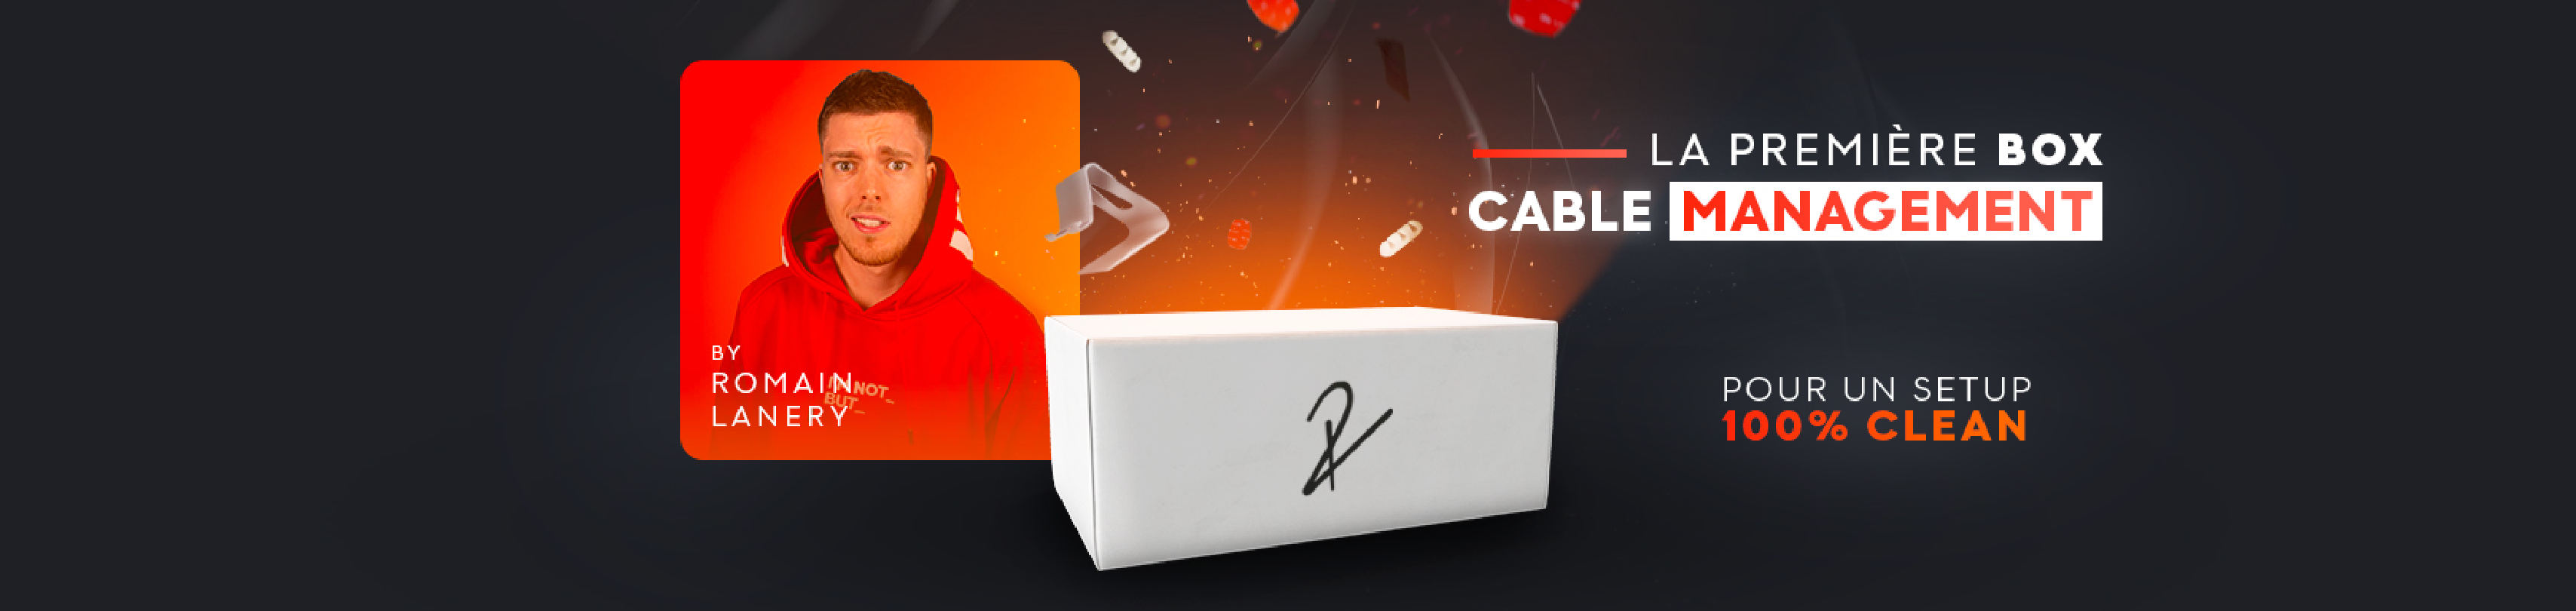 Cable management par Romain Lanery Technews&test